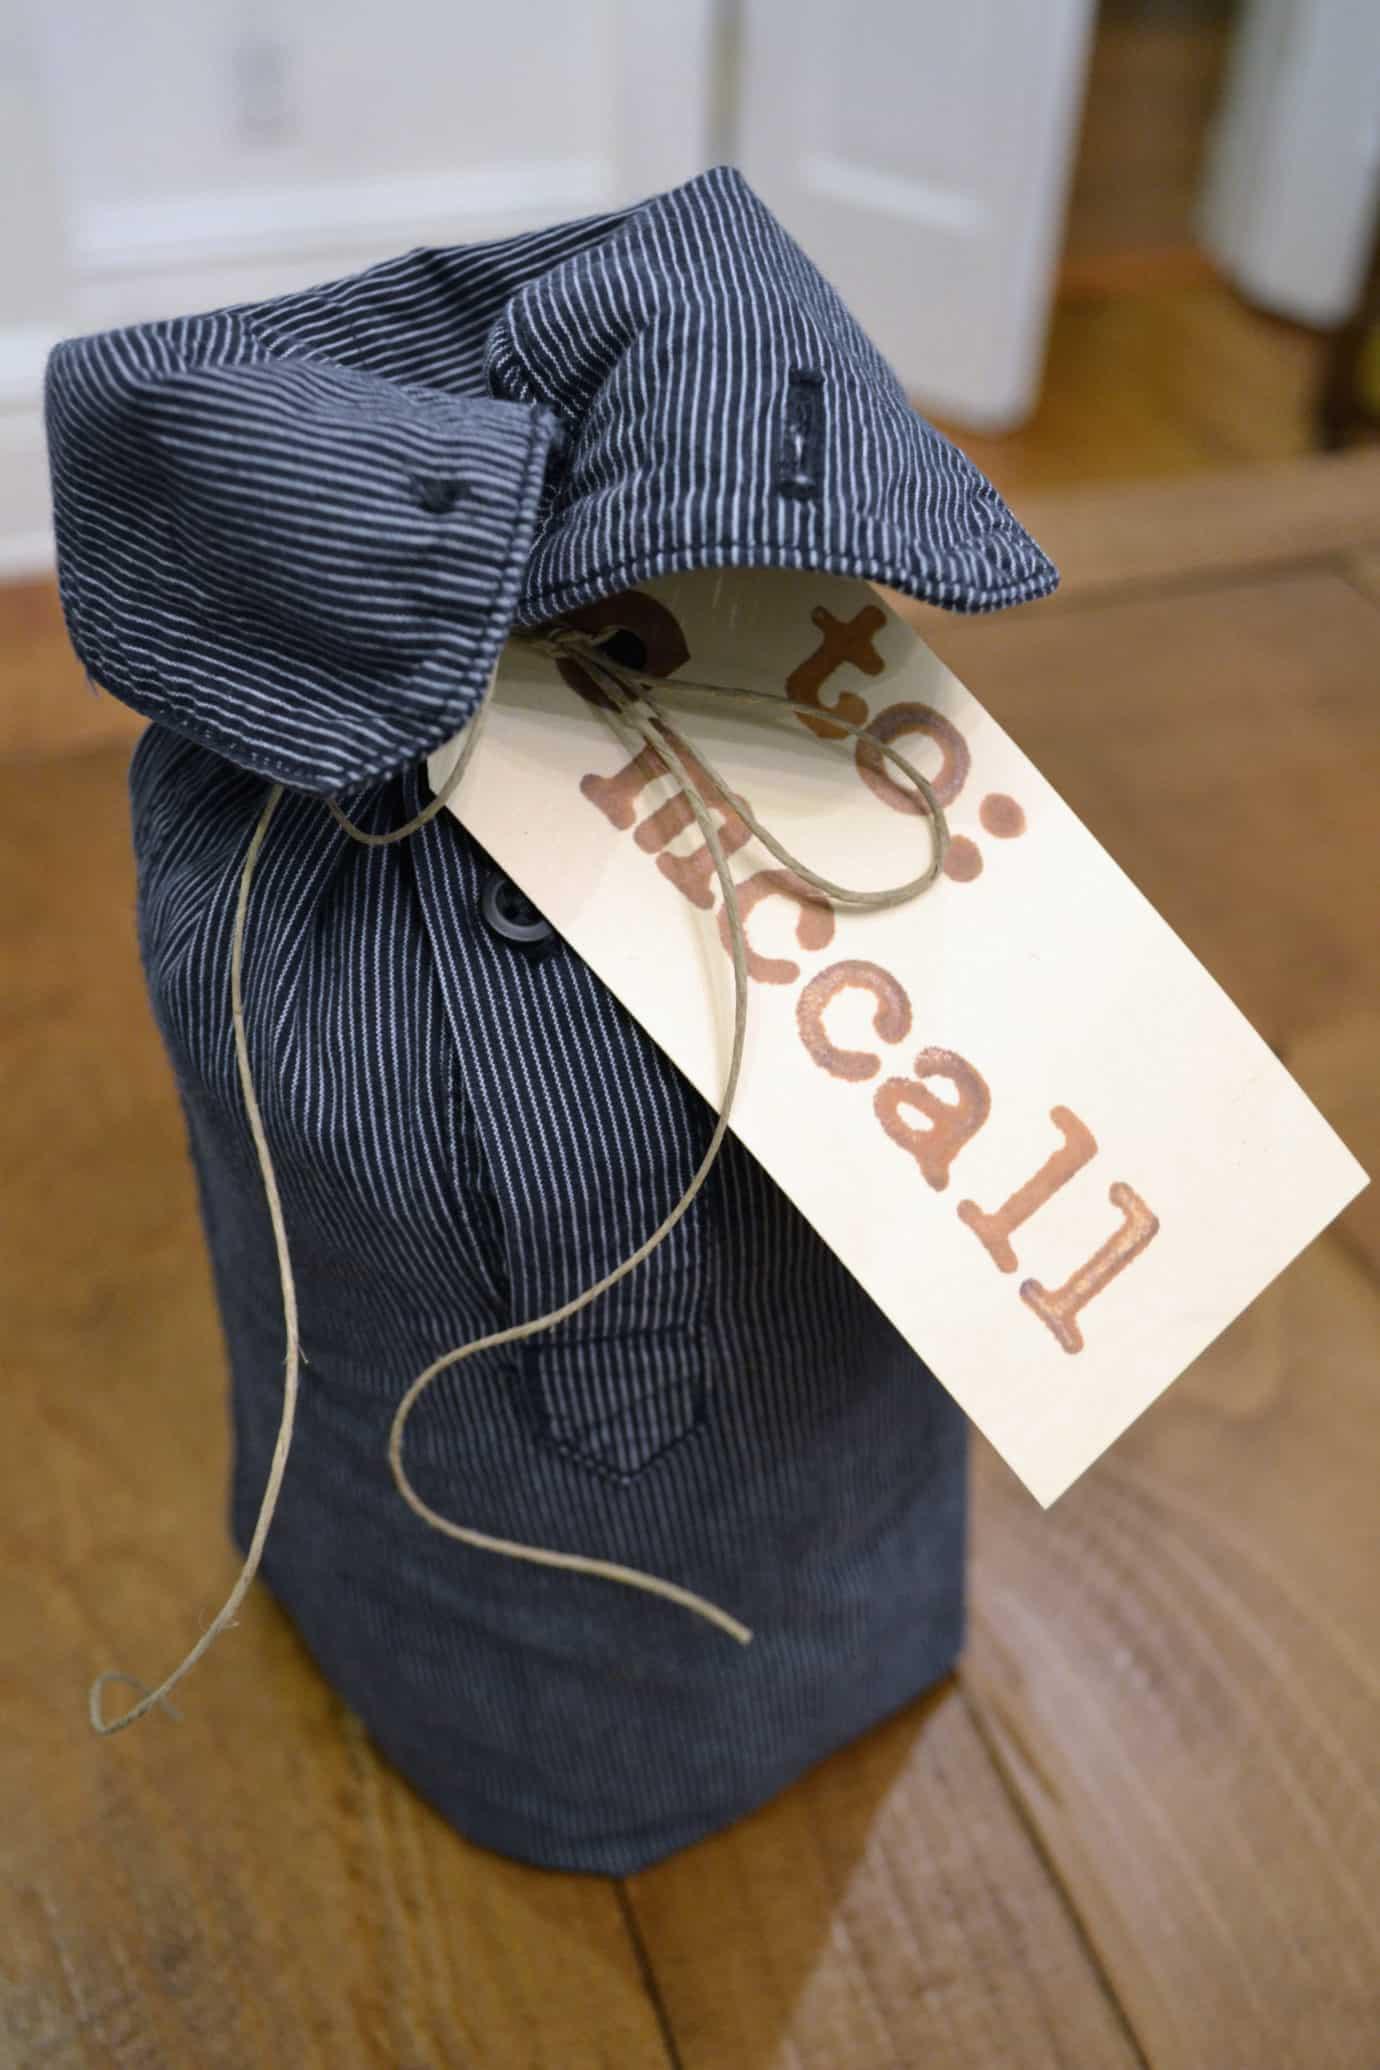 wrapped_shirt - Make & Do Crew - photo#40